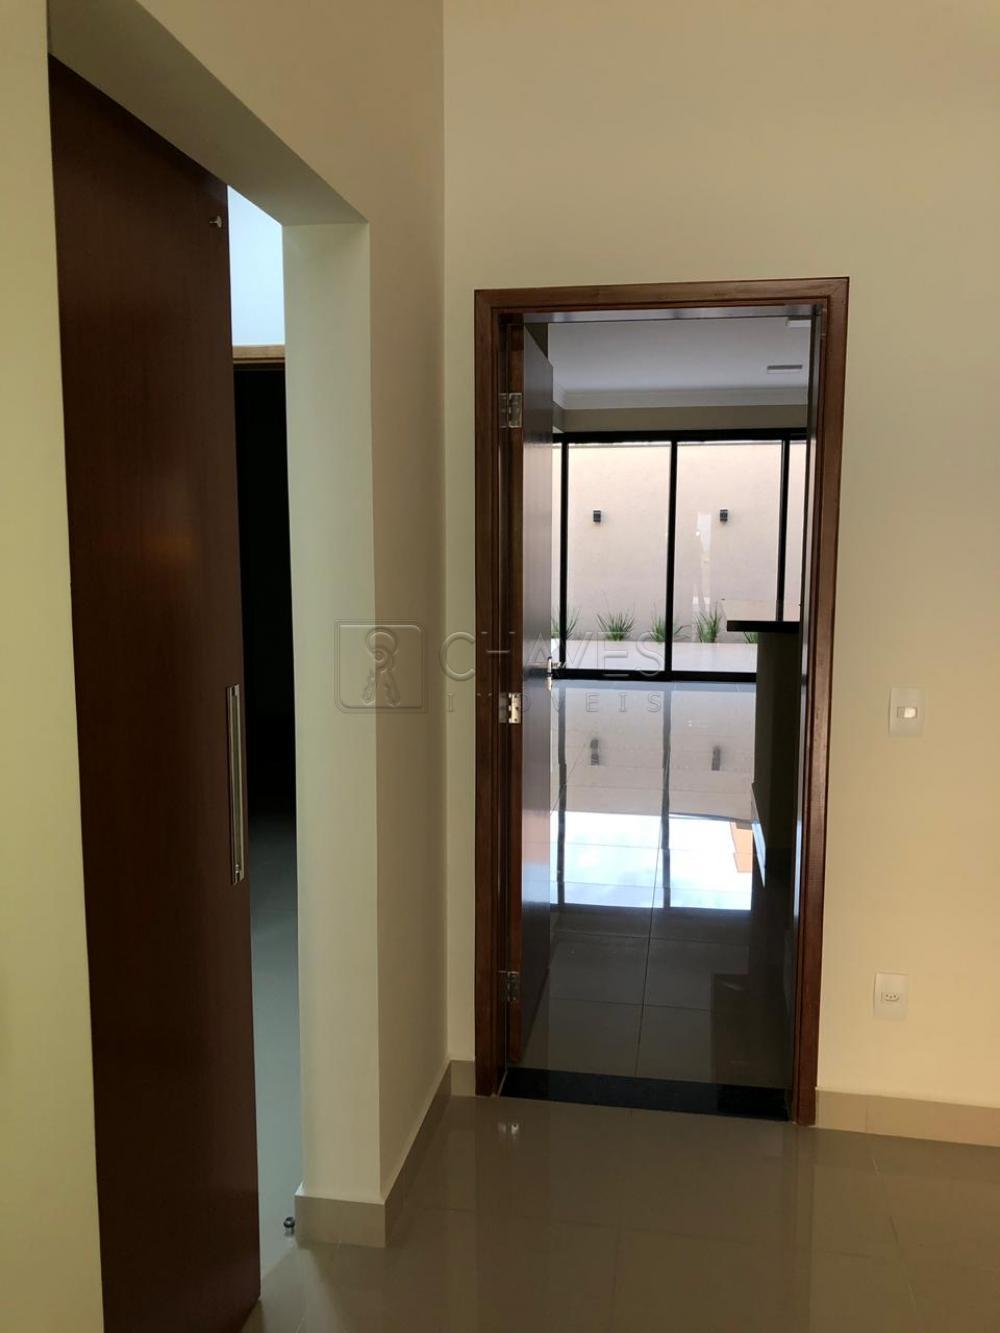 Comprar Casa / Condomínio em Bonfim Paulista apenas R$ 780.000,00 - Foto 11